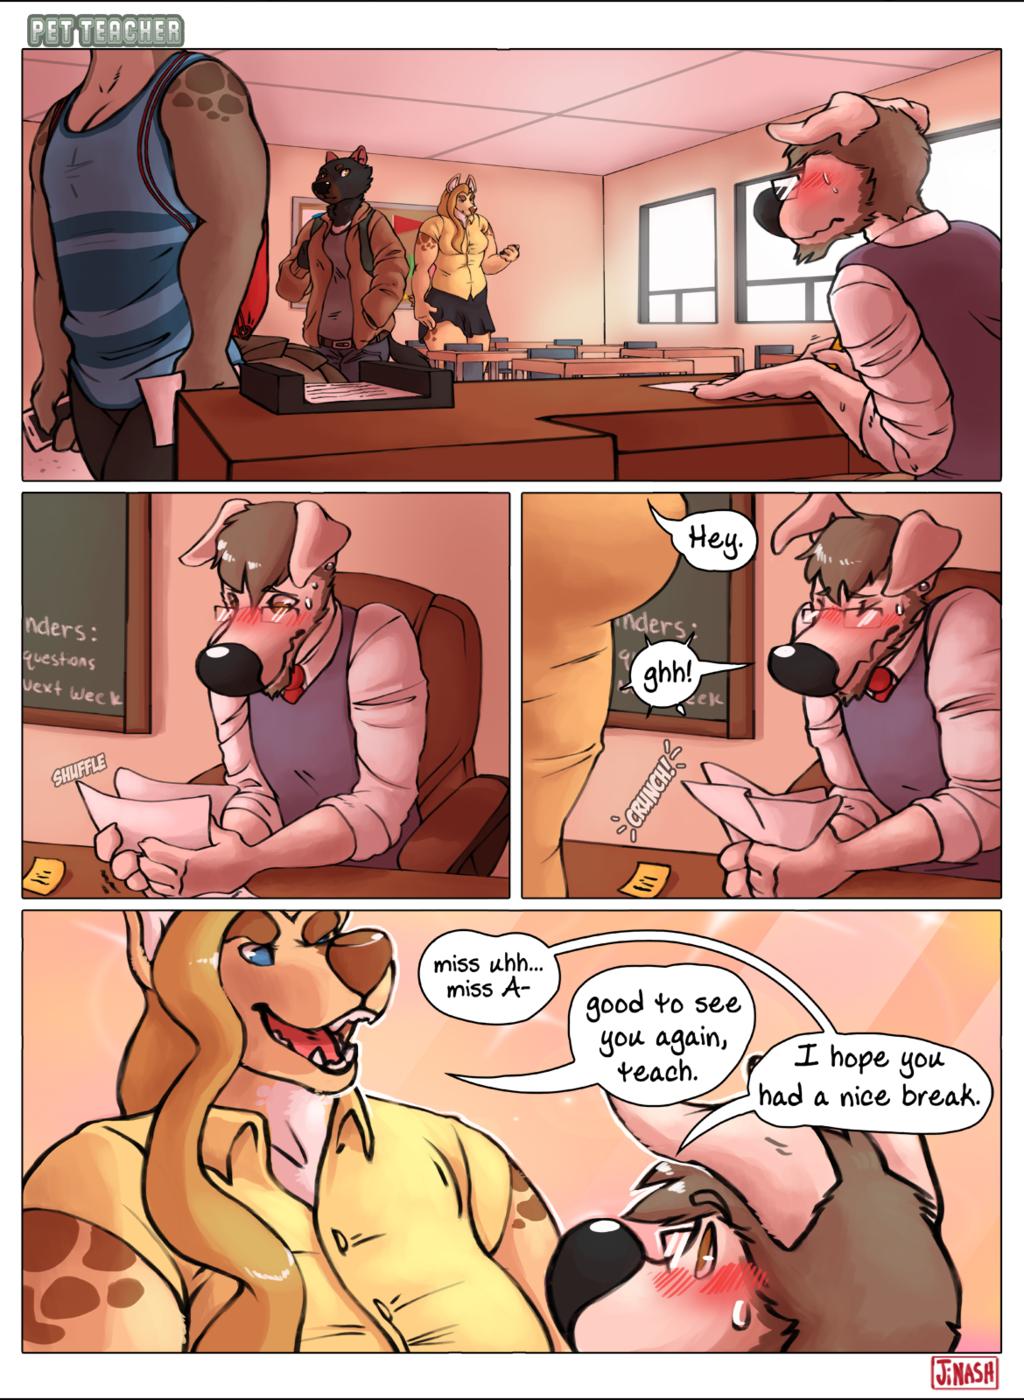 Pet Teacher: 02